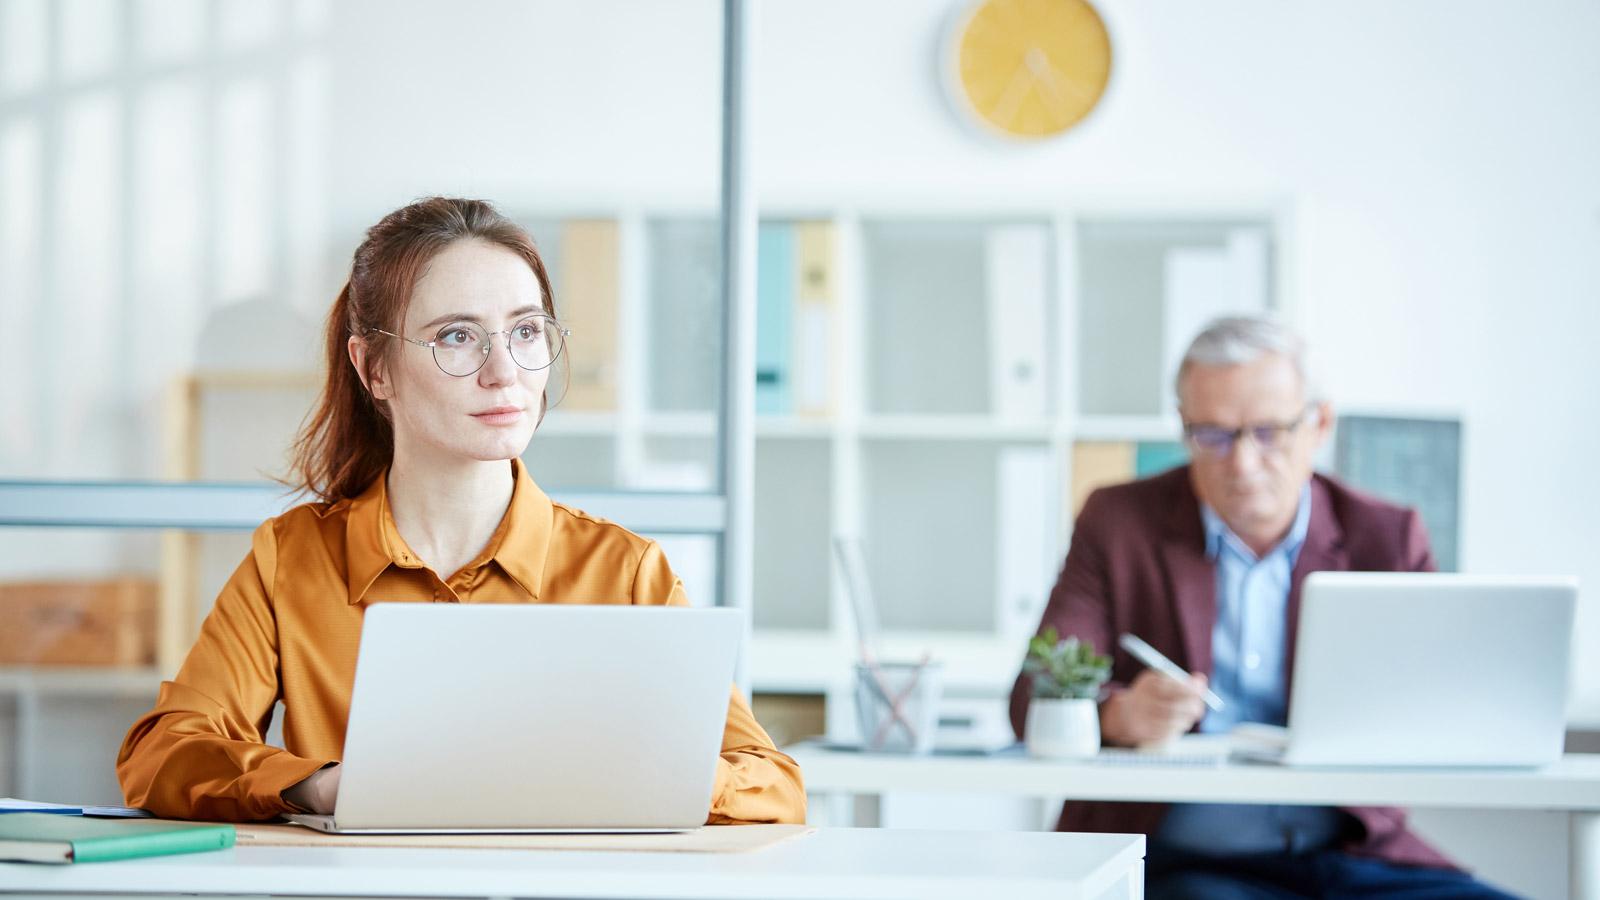 Niemal połowa zatrudnionych boi się utraty pracy – Badanie Biuro mediarun utrata pracy biuro kobieta 2020